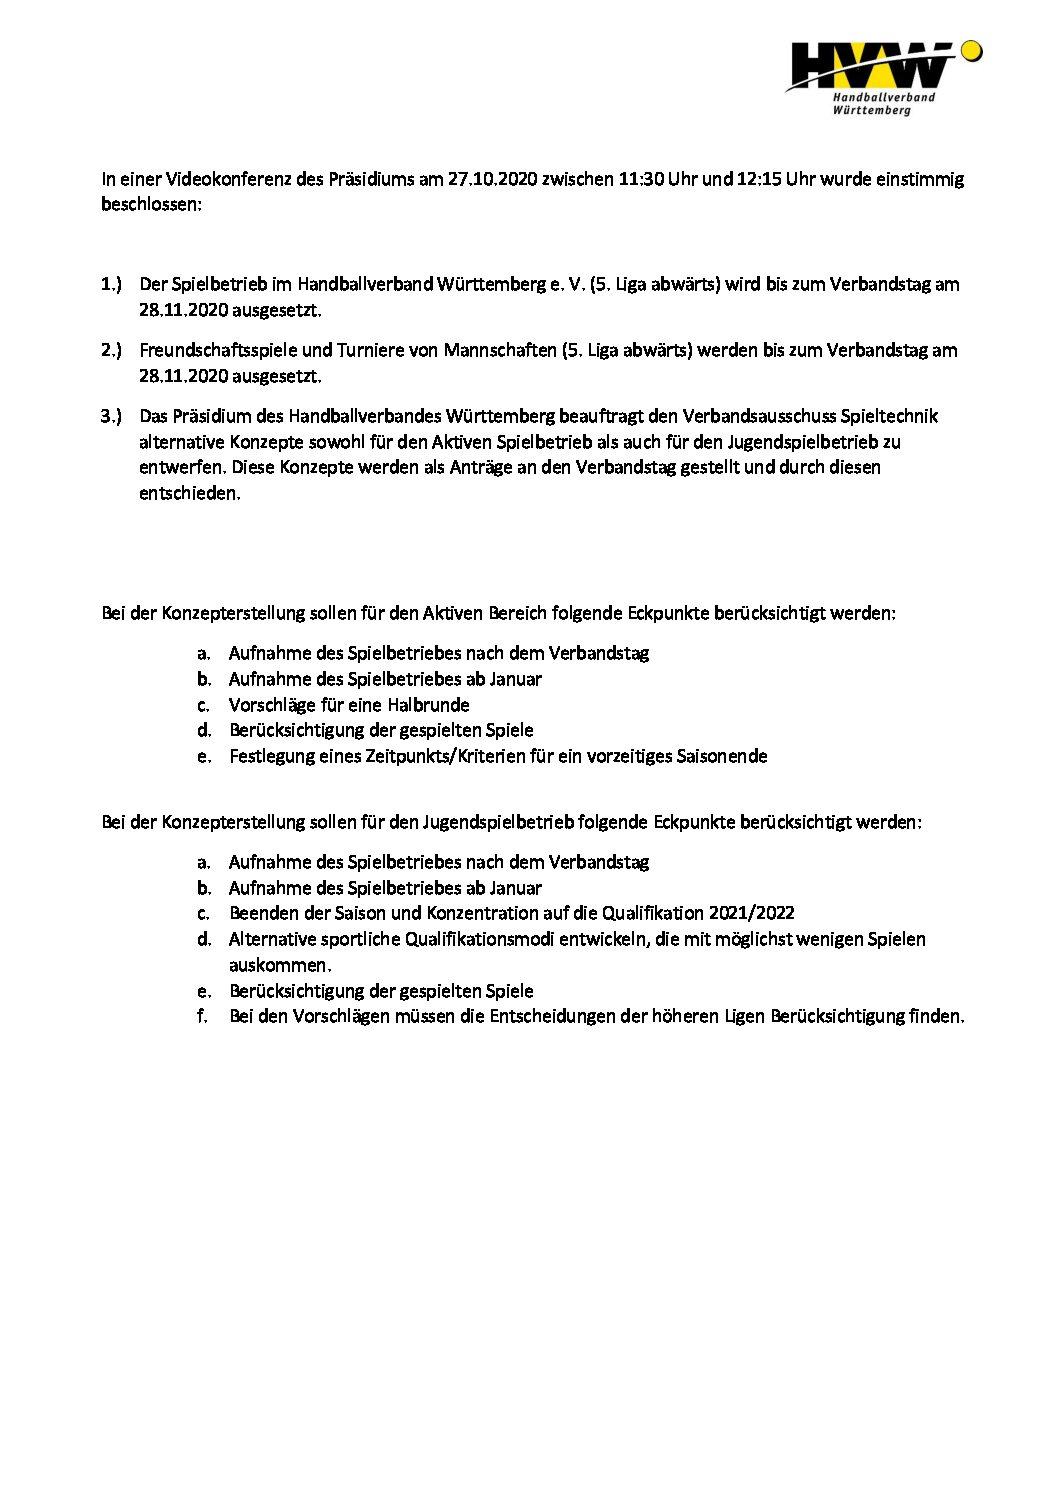 Nachdem die Spiele der 1.Männermannschaft und 2.Frauenmannschaft am vergangenen Wochenende (24./25.Oktober) schon Corona-bedingt ausfielen hat der HVW nun am 27.Oktober 2020 beschlossen den kompletten Spielbetrieb bis 28.November 2020 auszusetzen. Details: […]